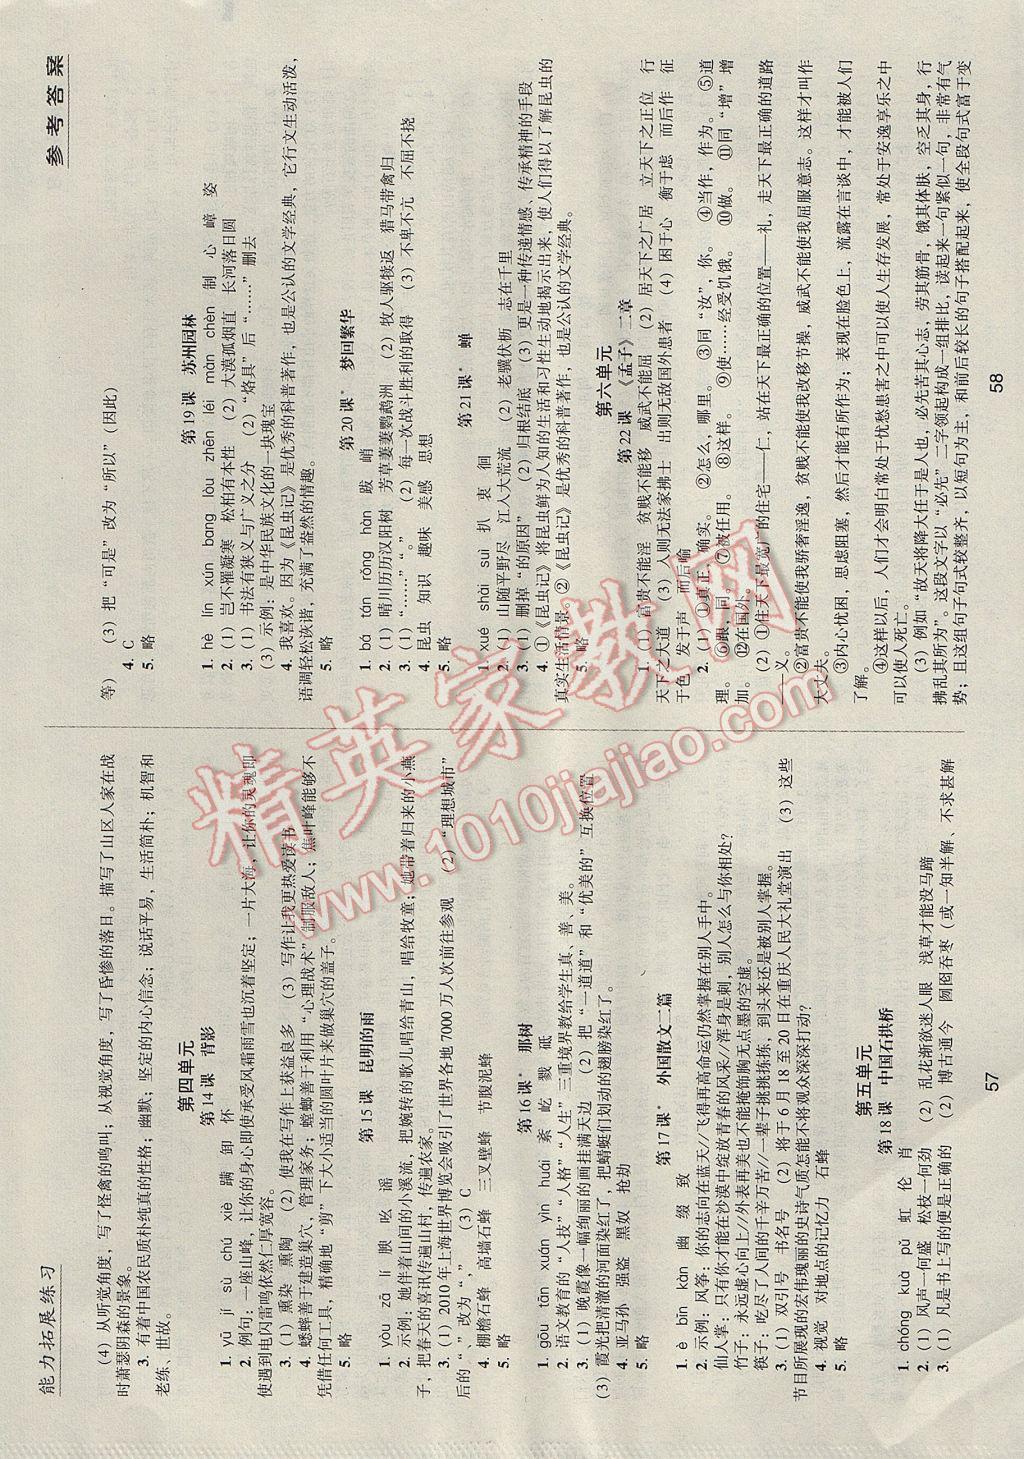 (精选)《淮阴侯列传》随堂练习.doc - 淘豆网